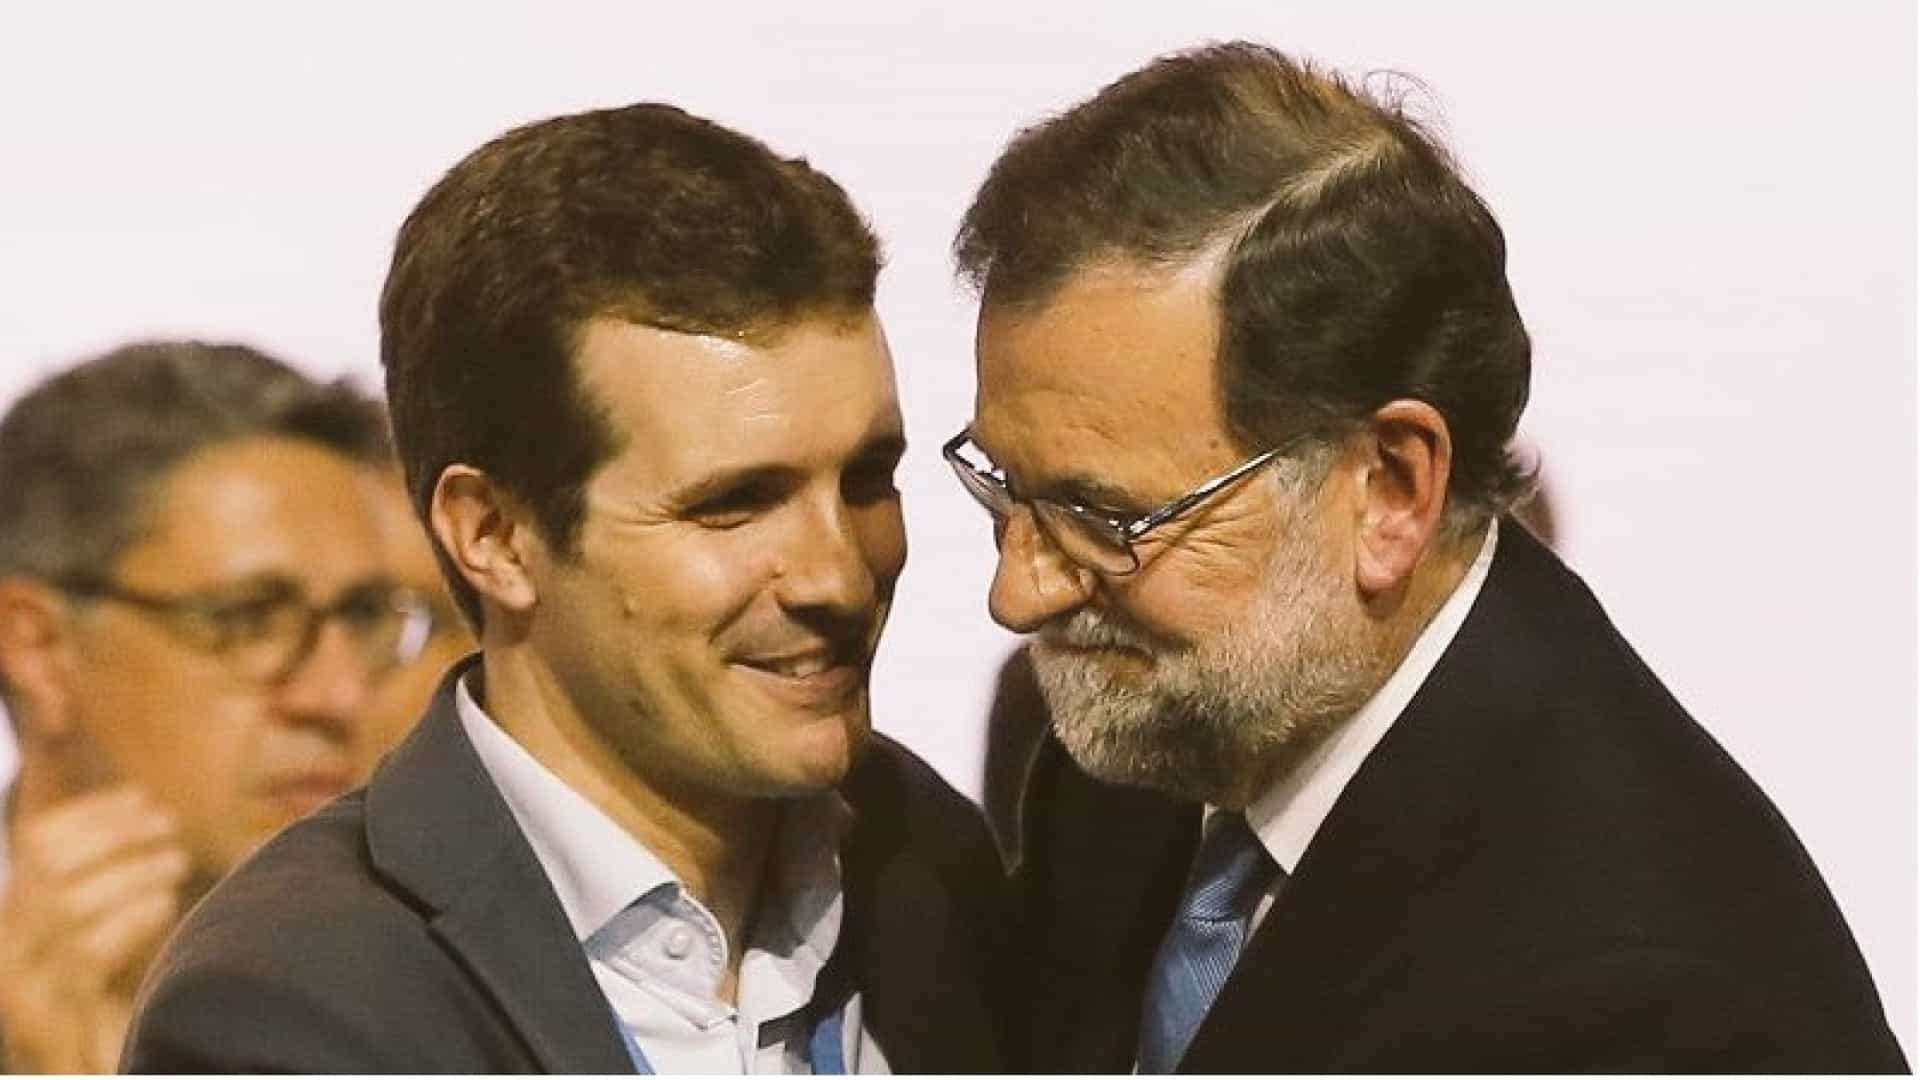 Pablo Casado Branco quer substituir Rajoy na liderança do PP